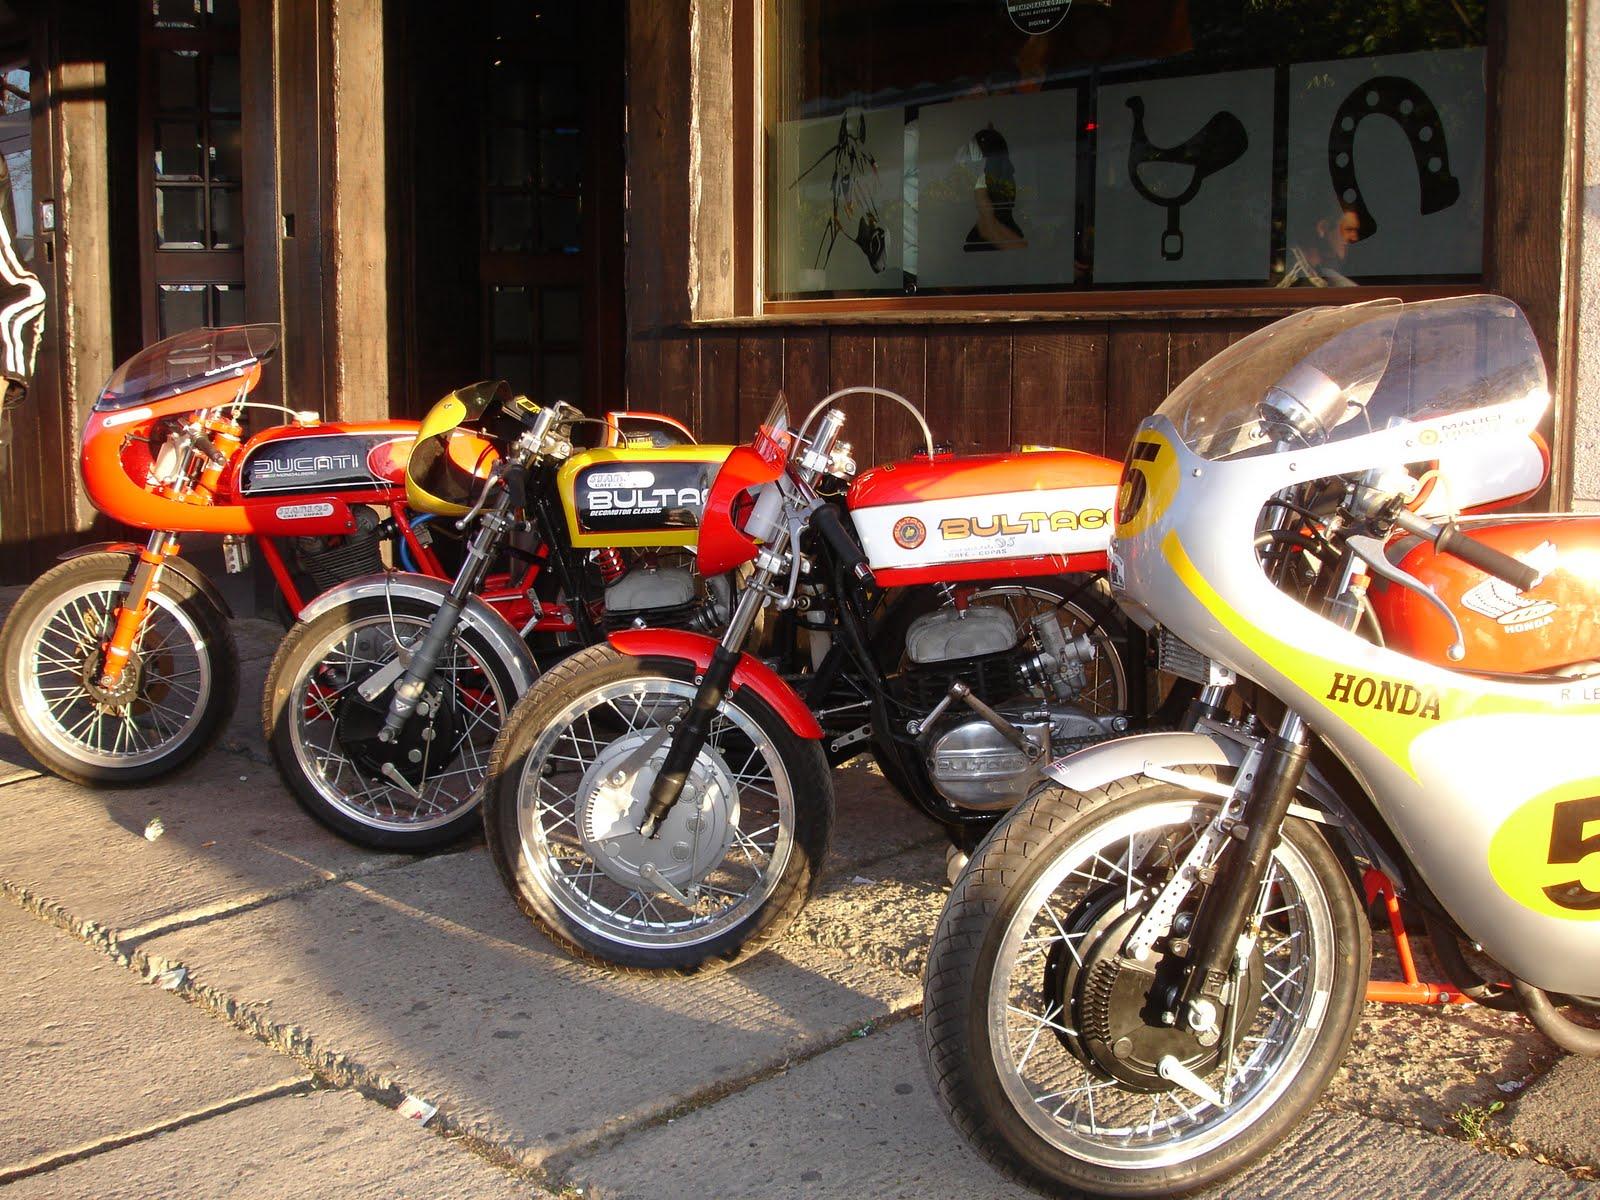 BeeMoto: mit dem bet-at-home voucher code richtig geld sparen Estas motos son espectaculares IV